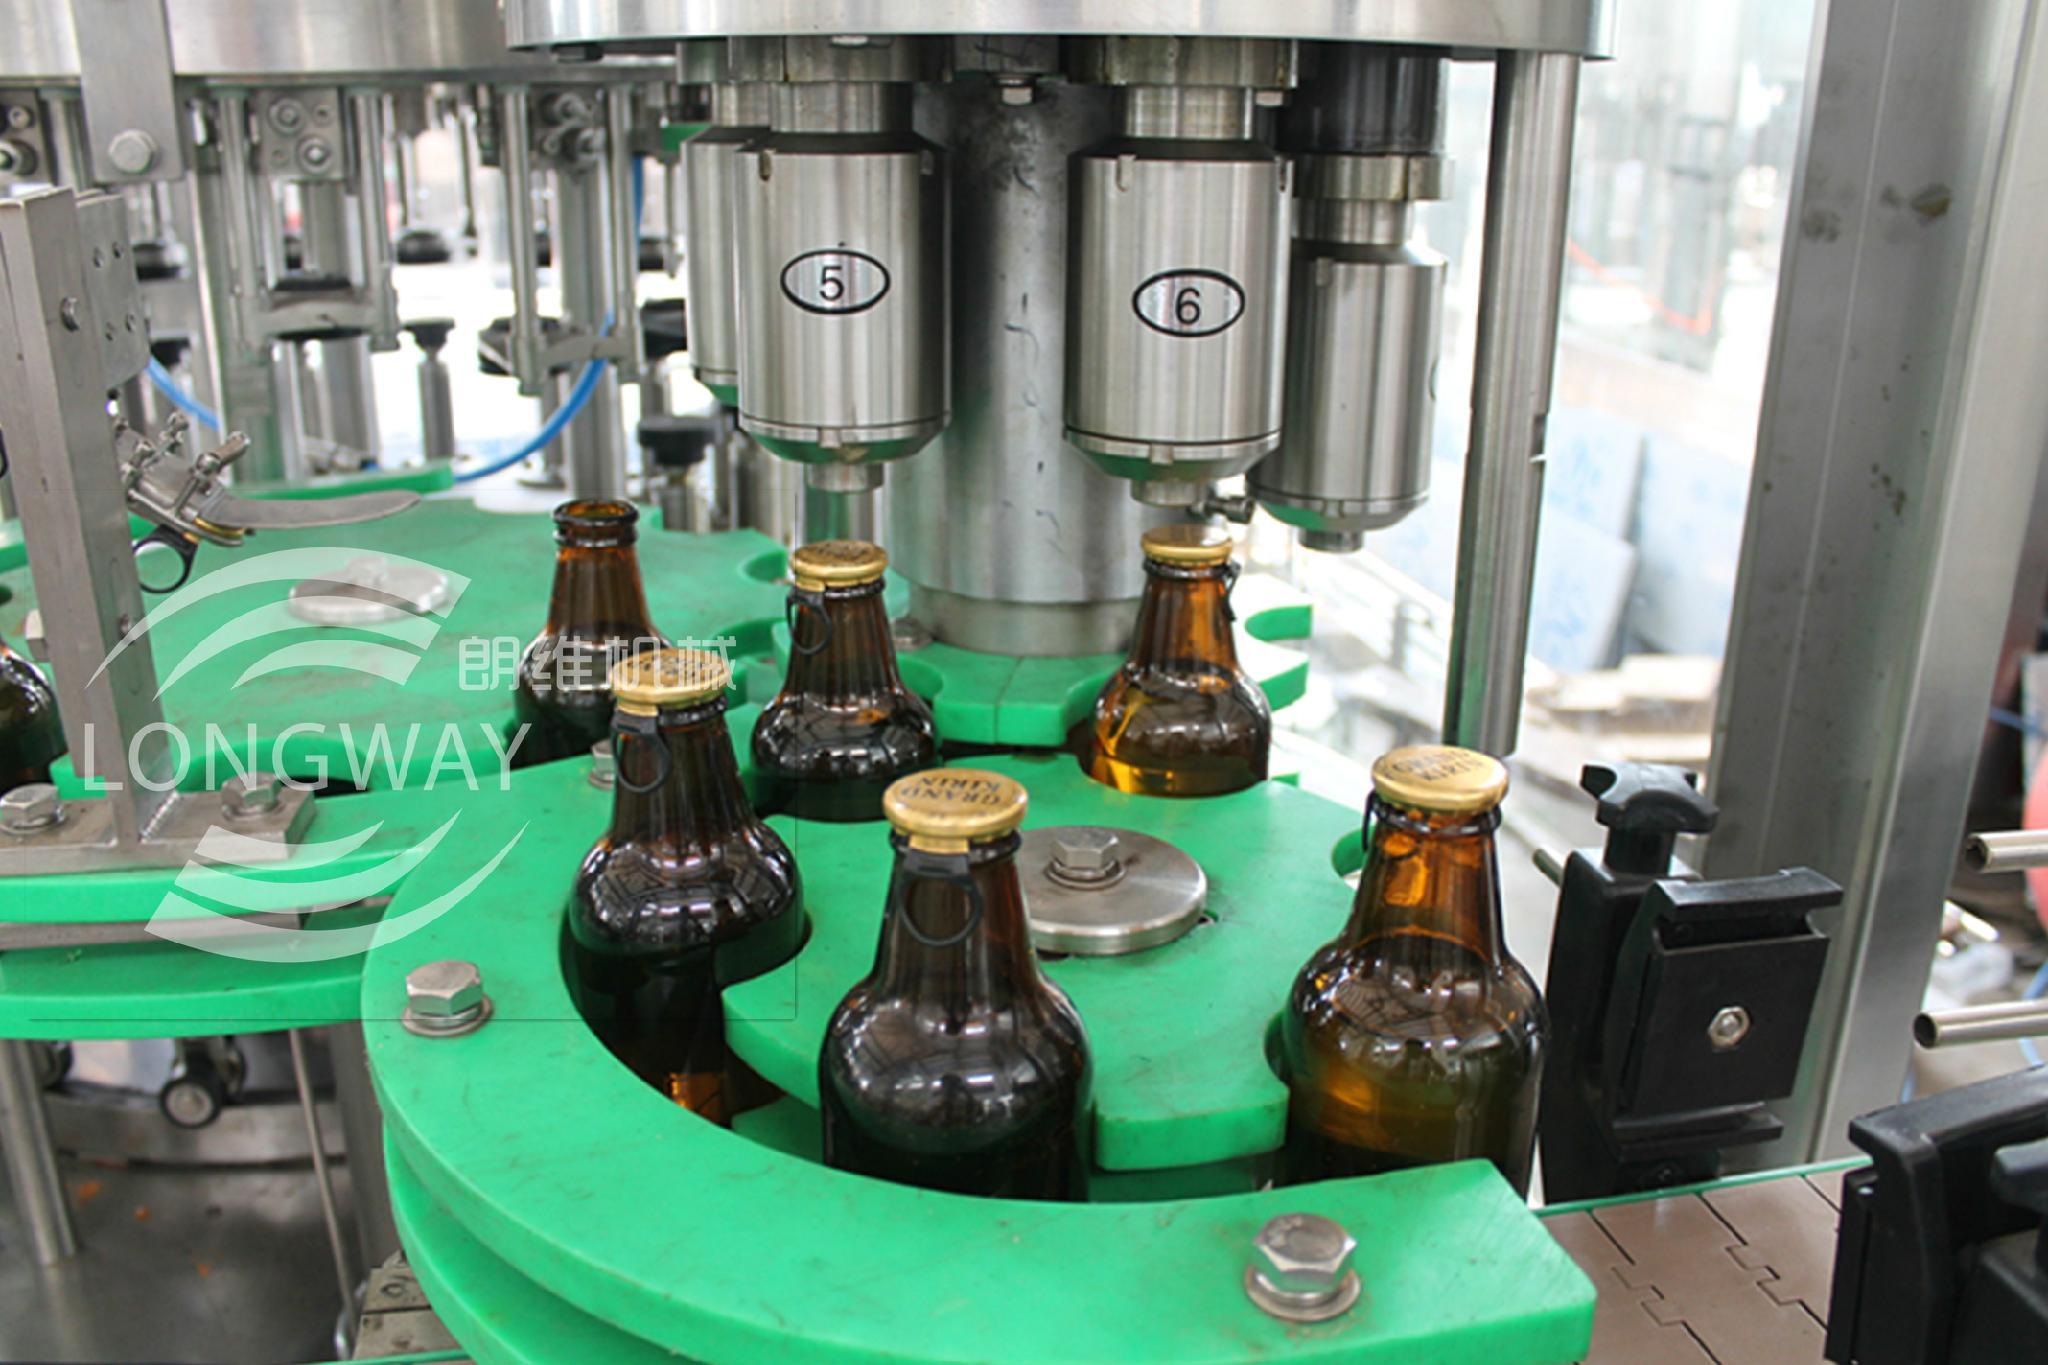 玻璃瓶果汁飲料拉環蓋沖瓶灌裝封口機 1